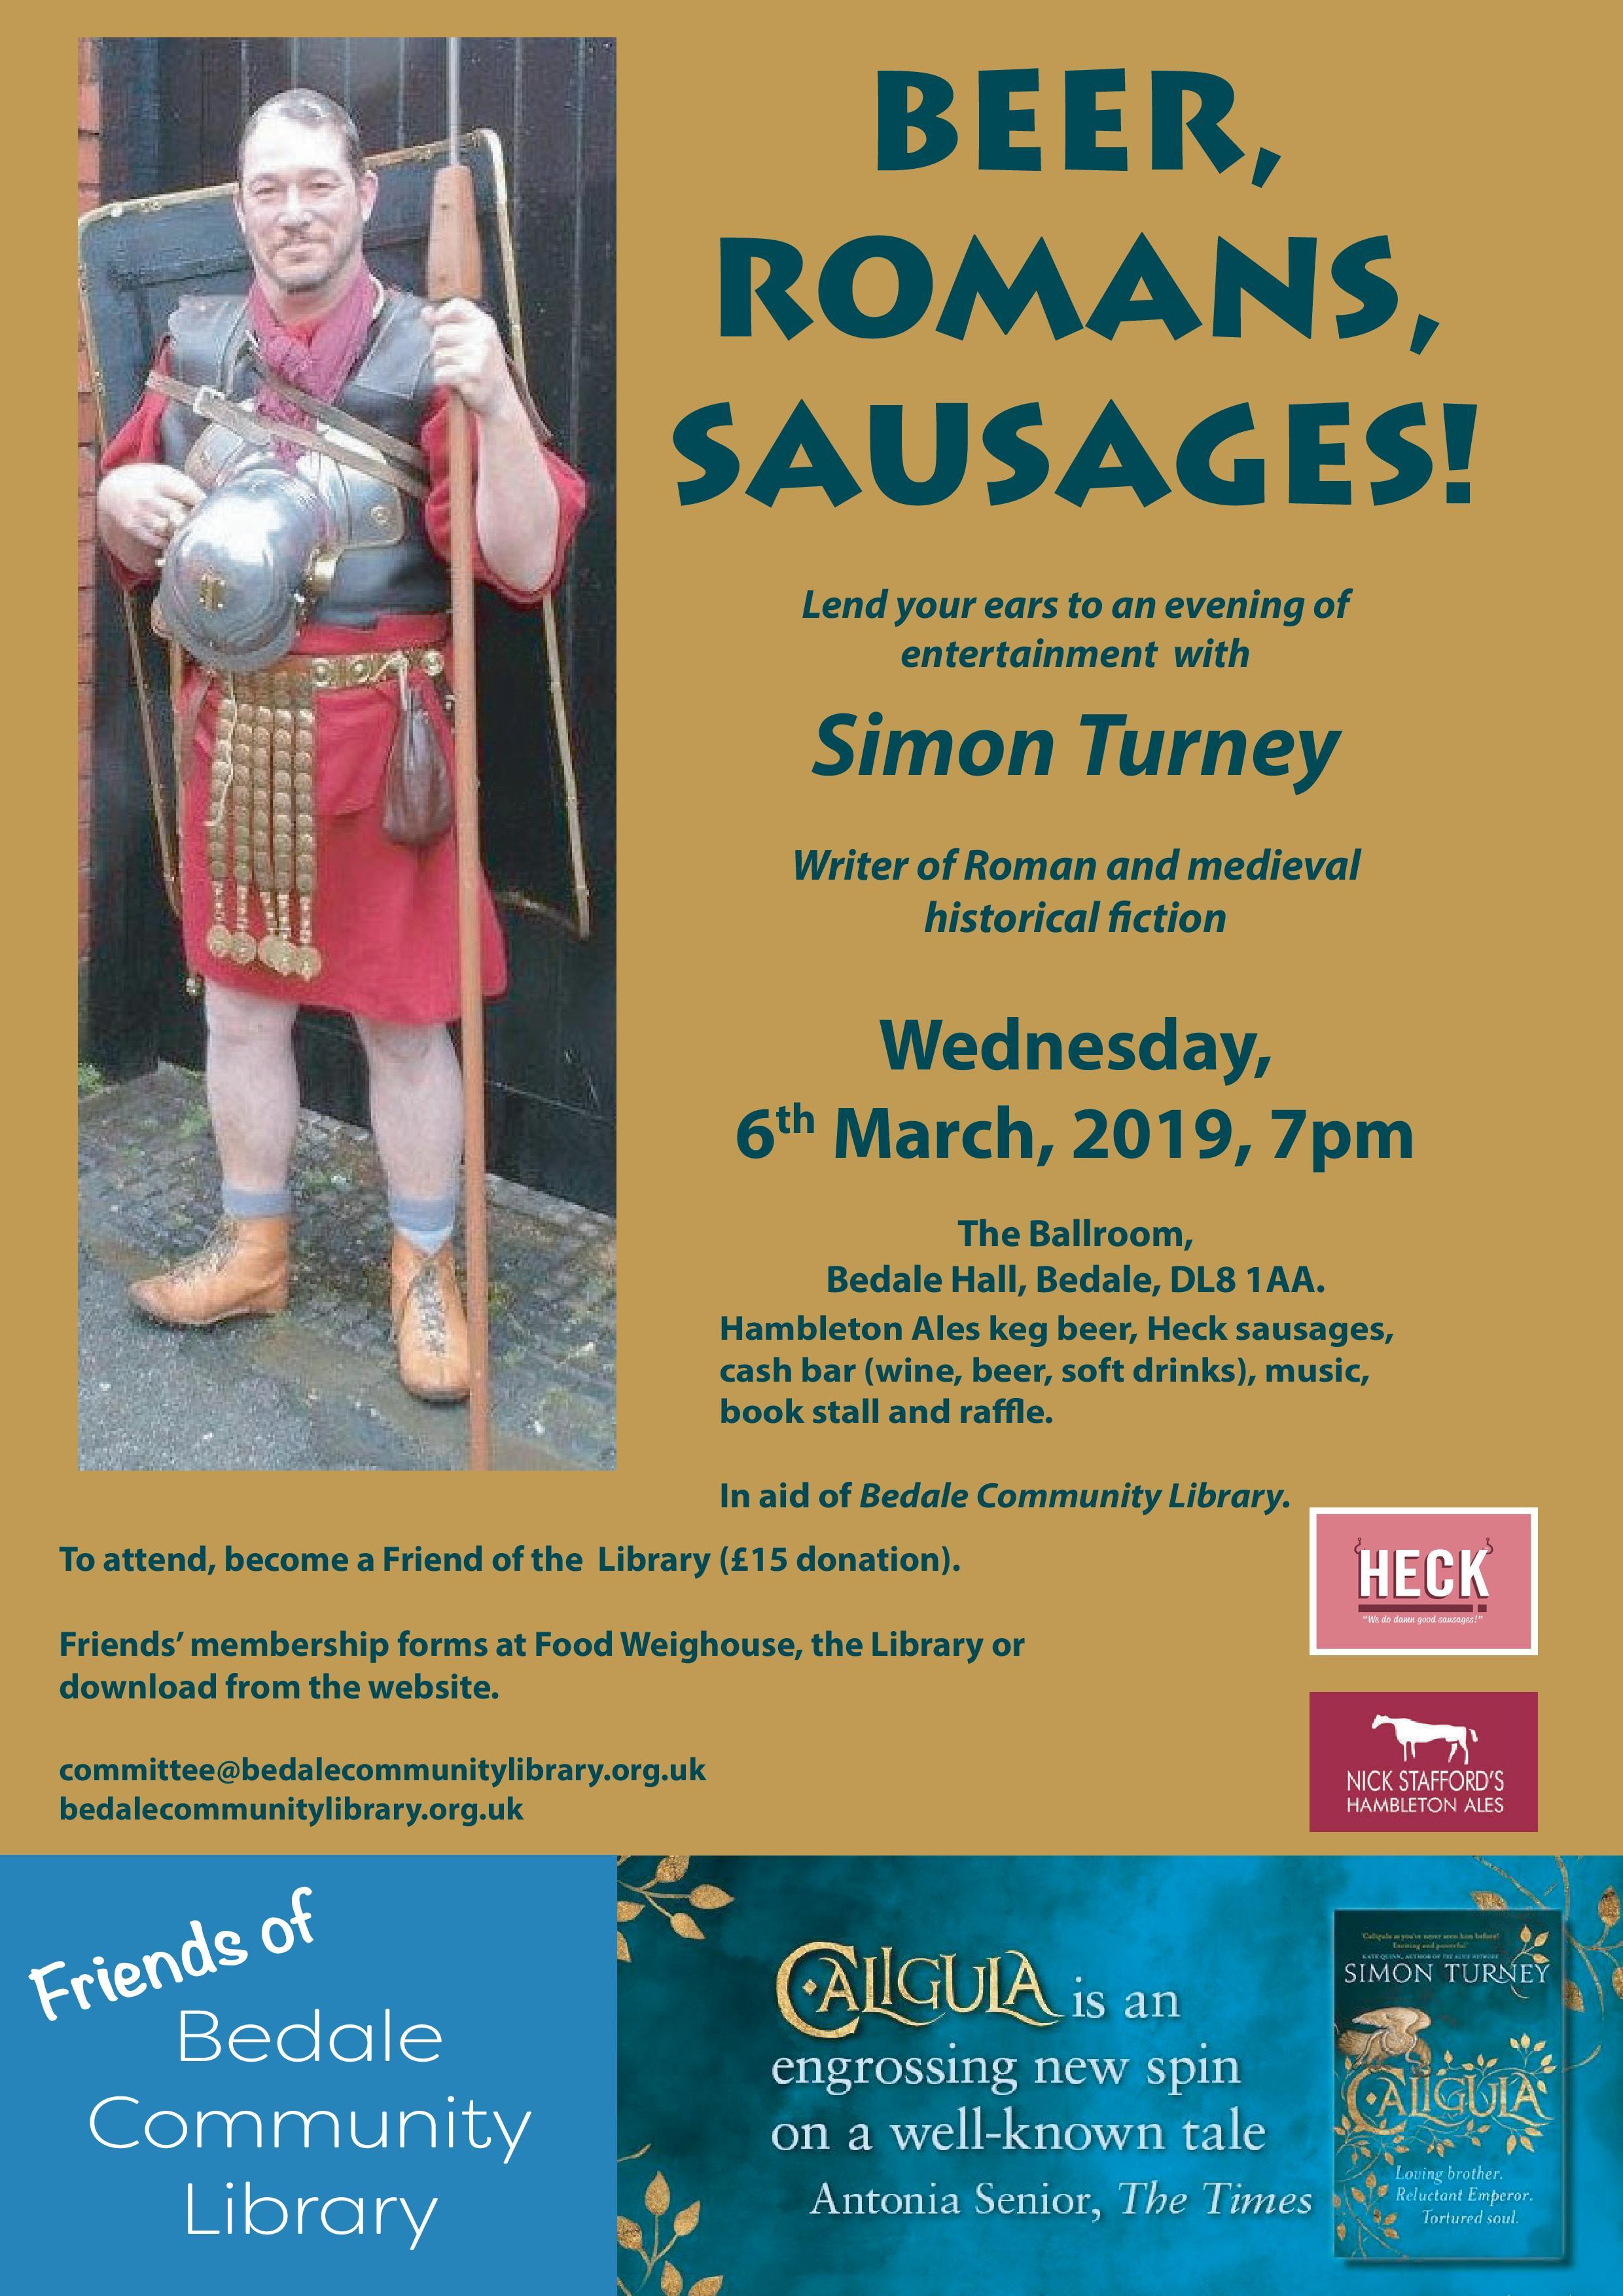 Simon Turney poster